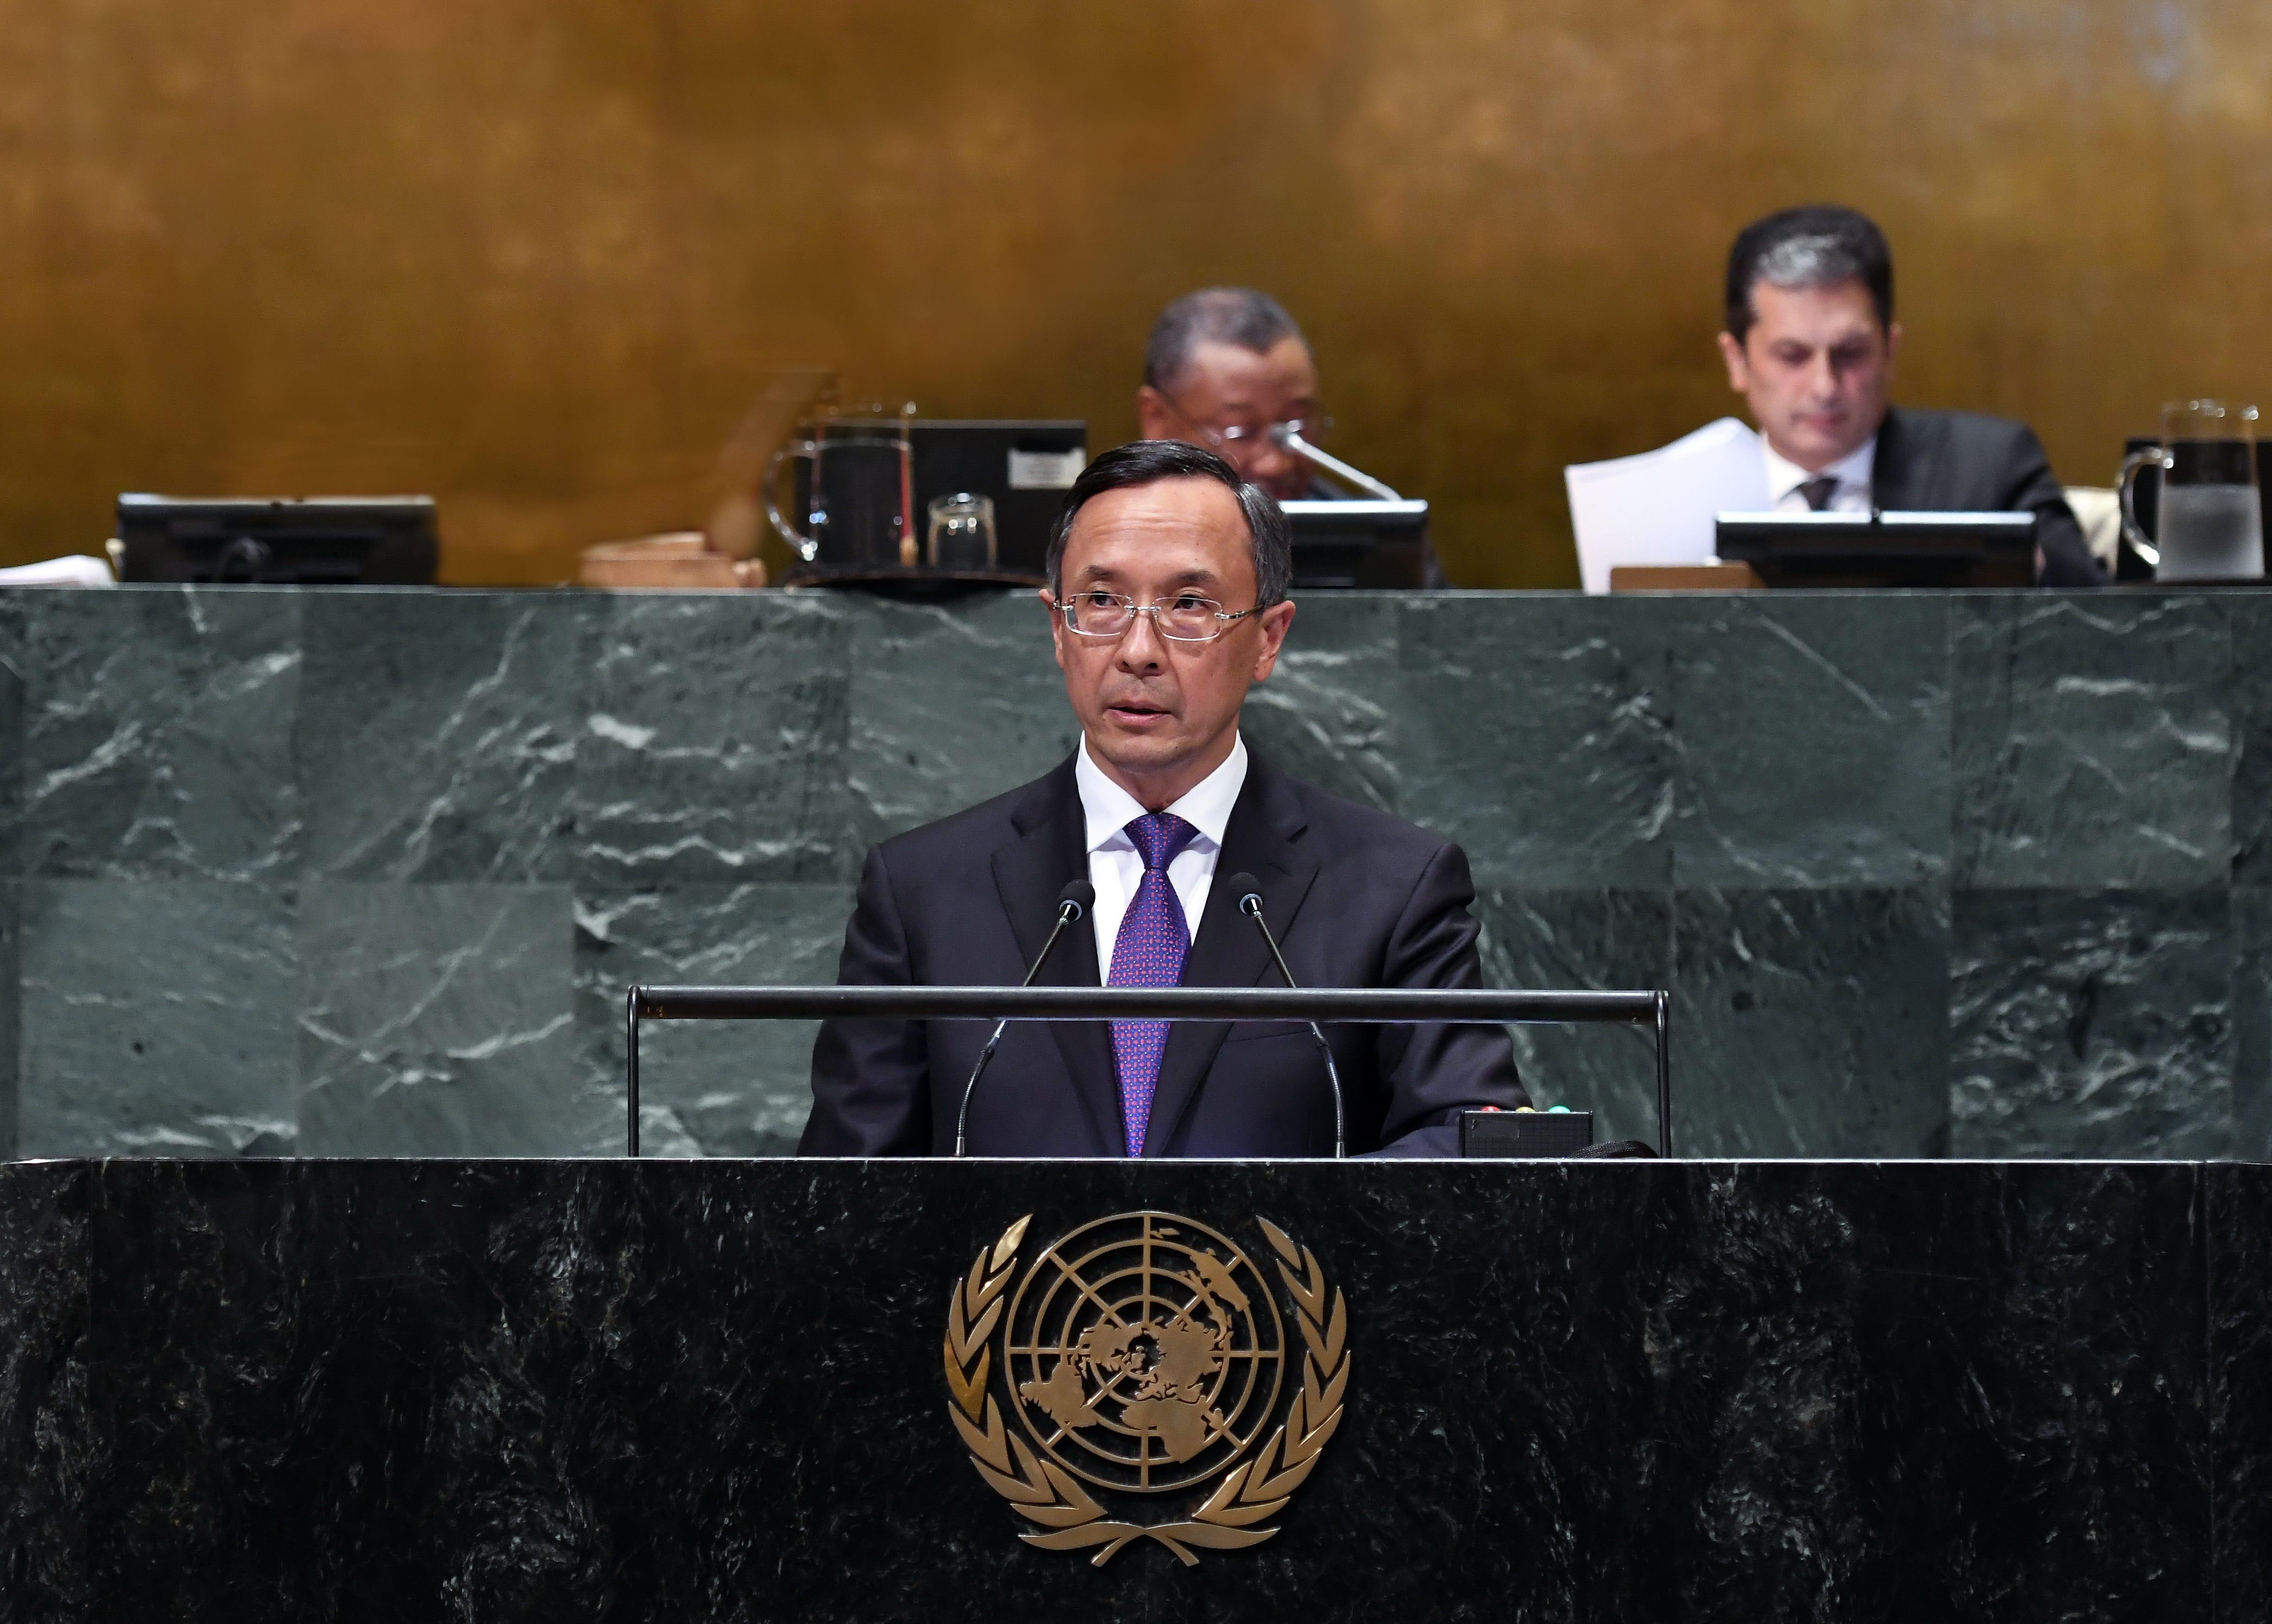 Генассамблея ООН: Казахстан будет оставаться в авангарде решения ключевых международных проблем